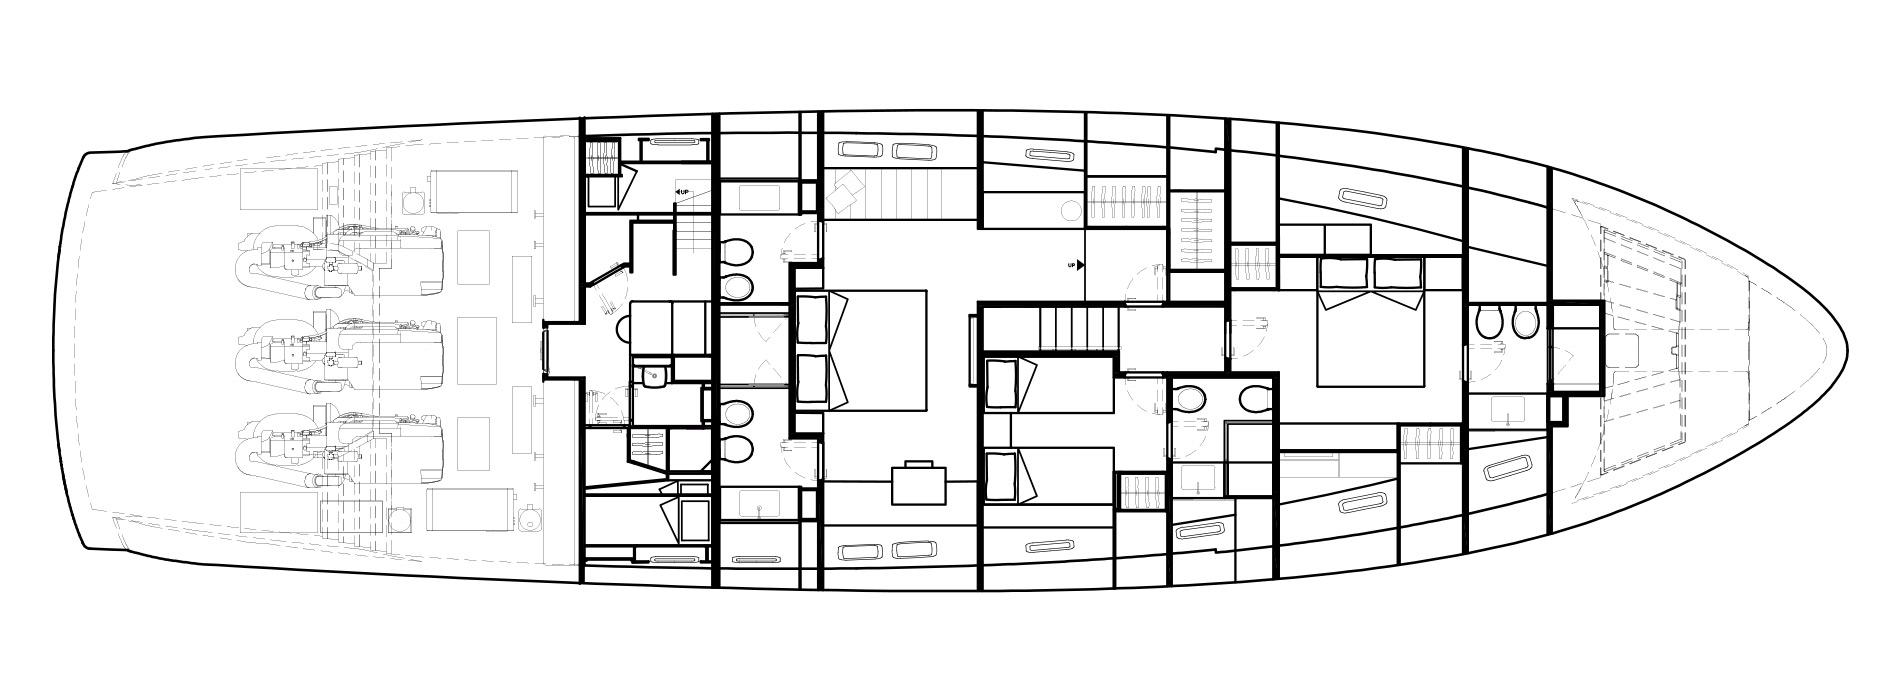 Sanlorenzo Yachts SX88 Нижняя палуба версия B